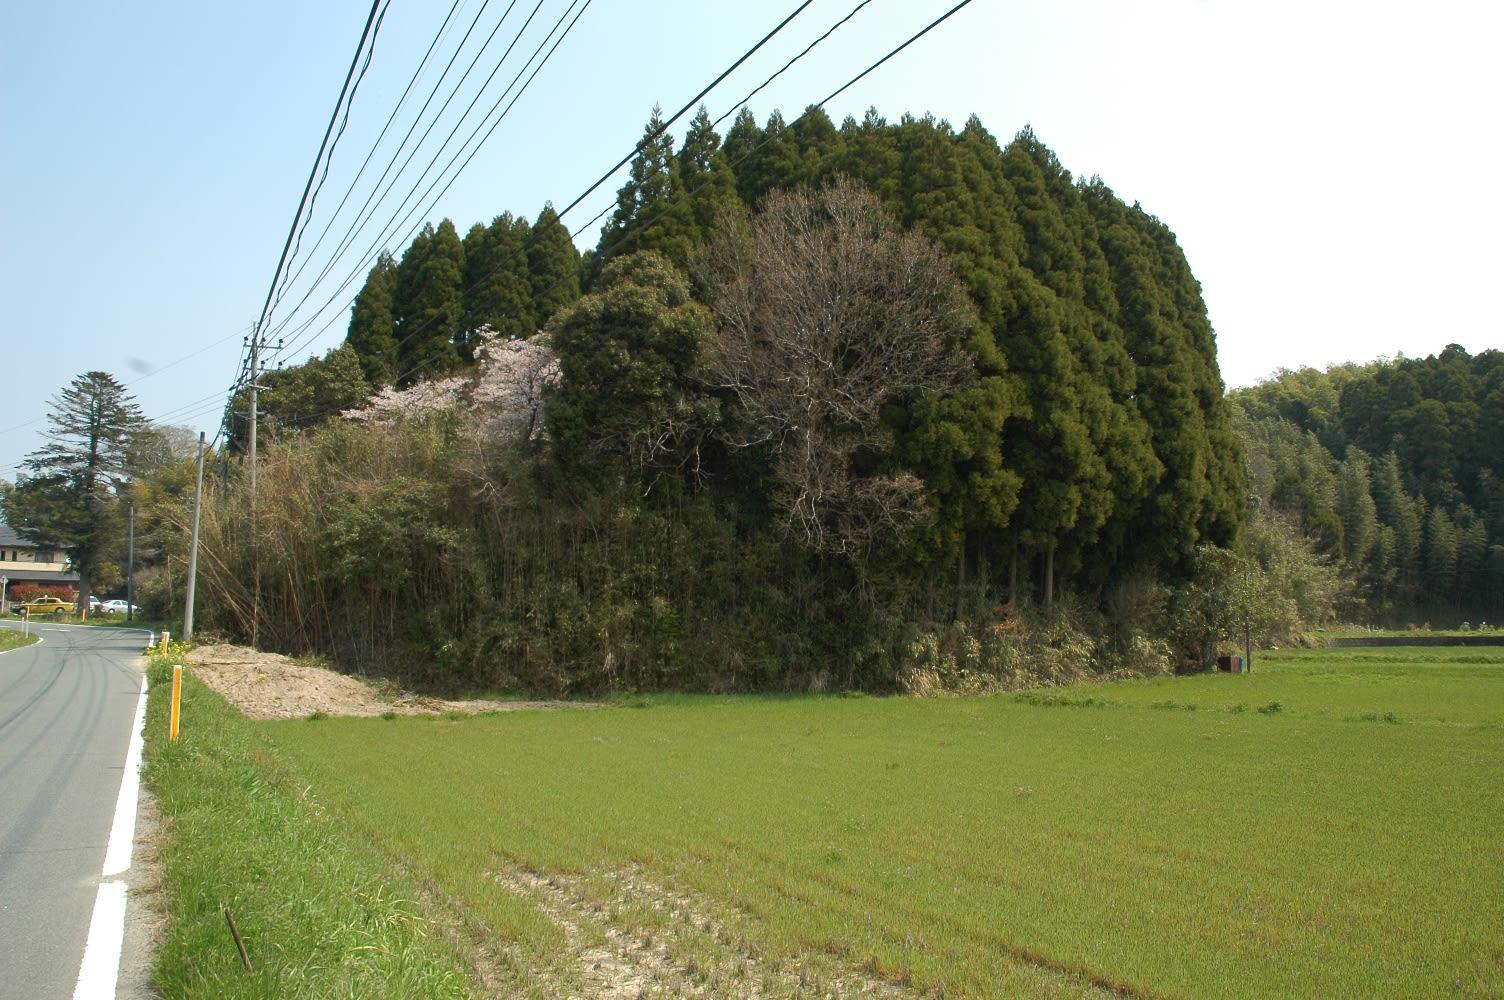 熊本県和水町・松坂古墳 - 古墳:探訪